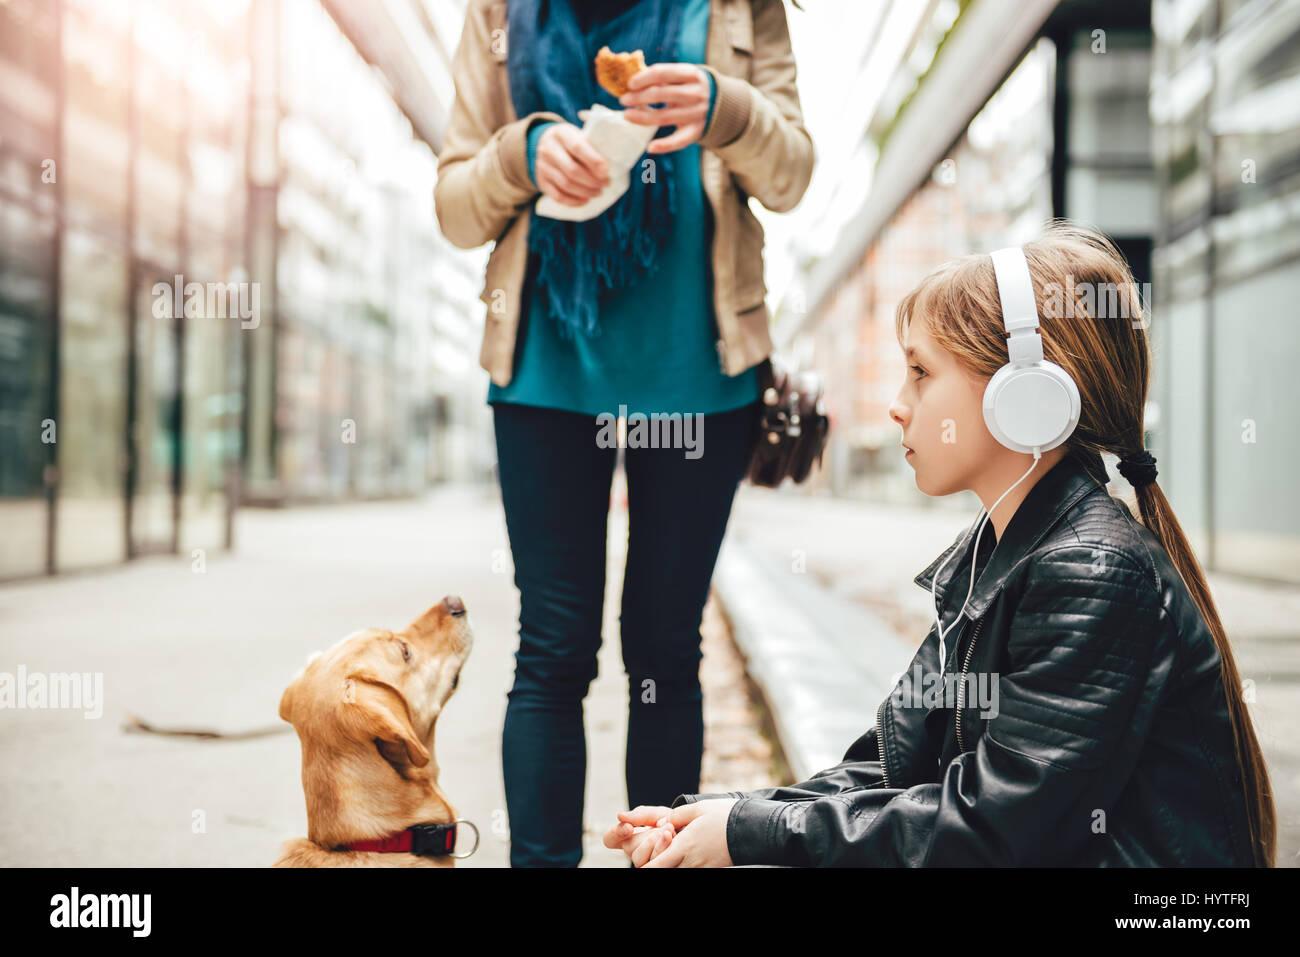 Hija escuchando música con auriculares mientras la madre y su perro de pie junto a Imagen De Stock